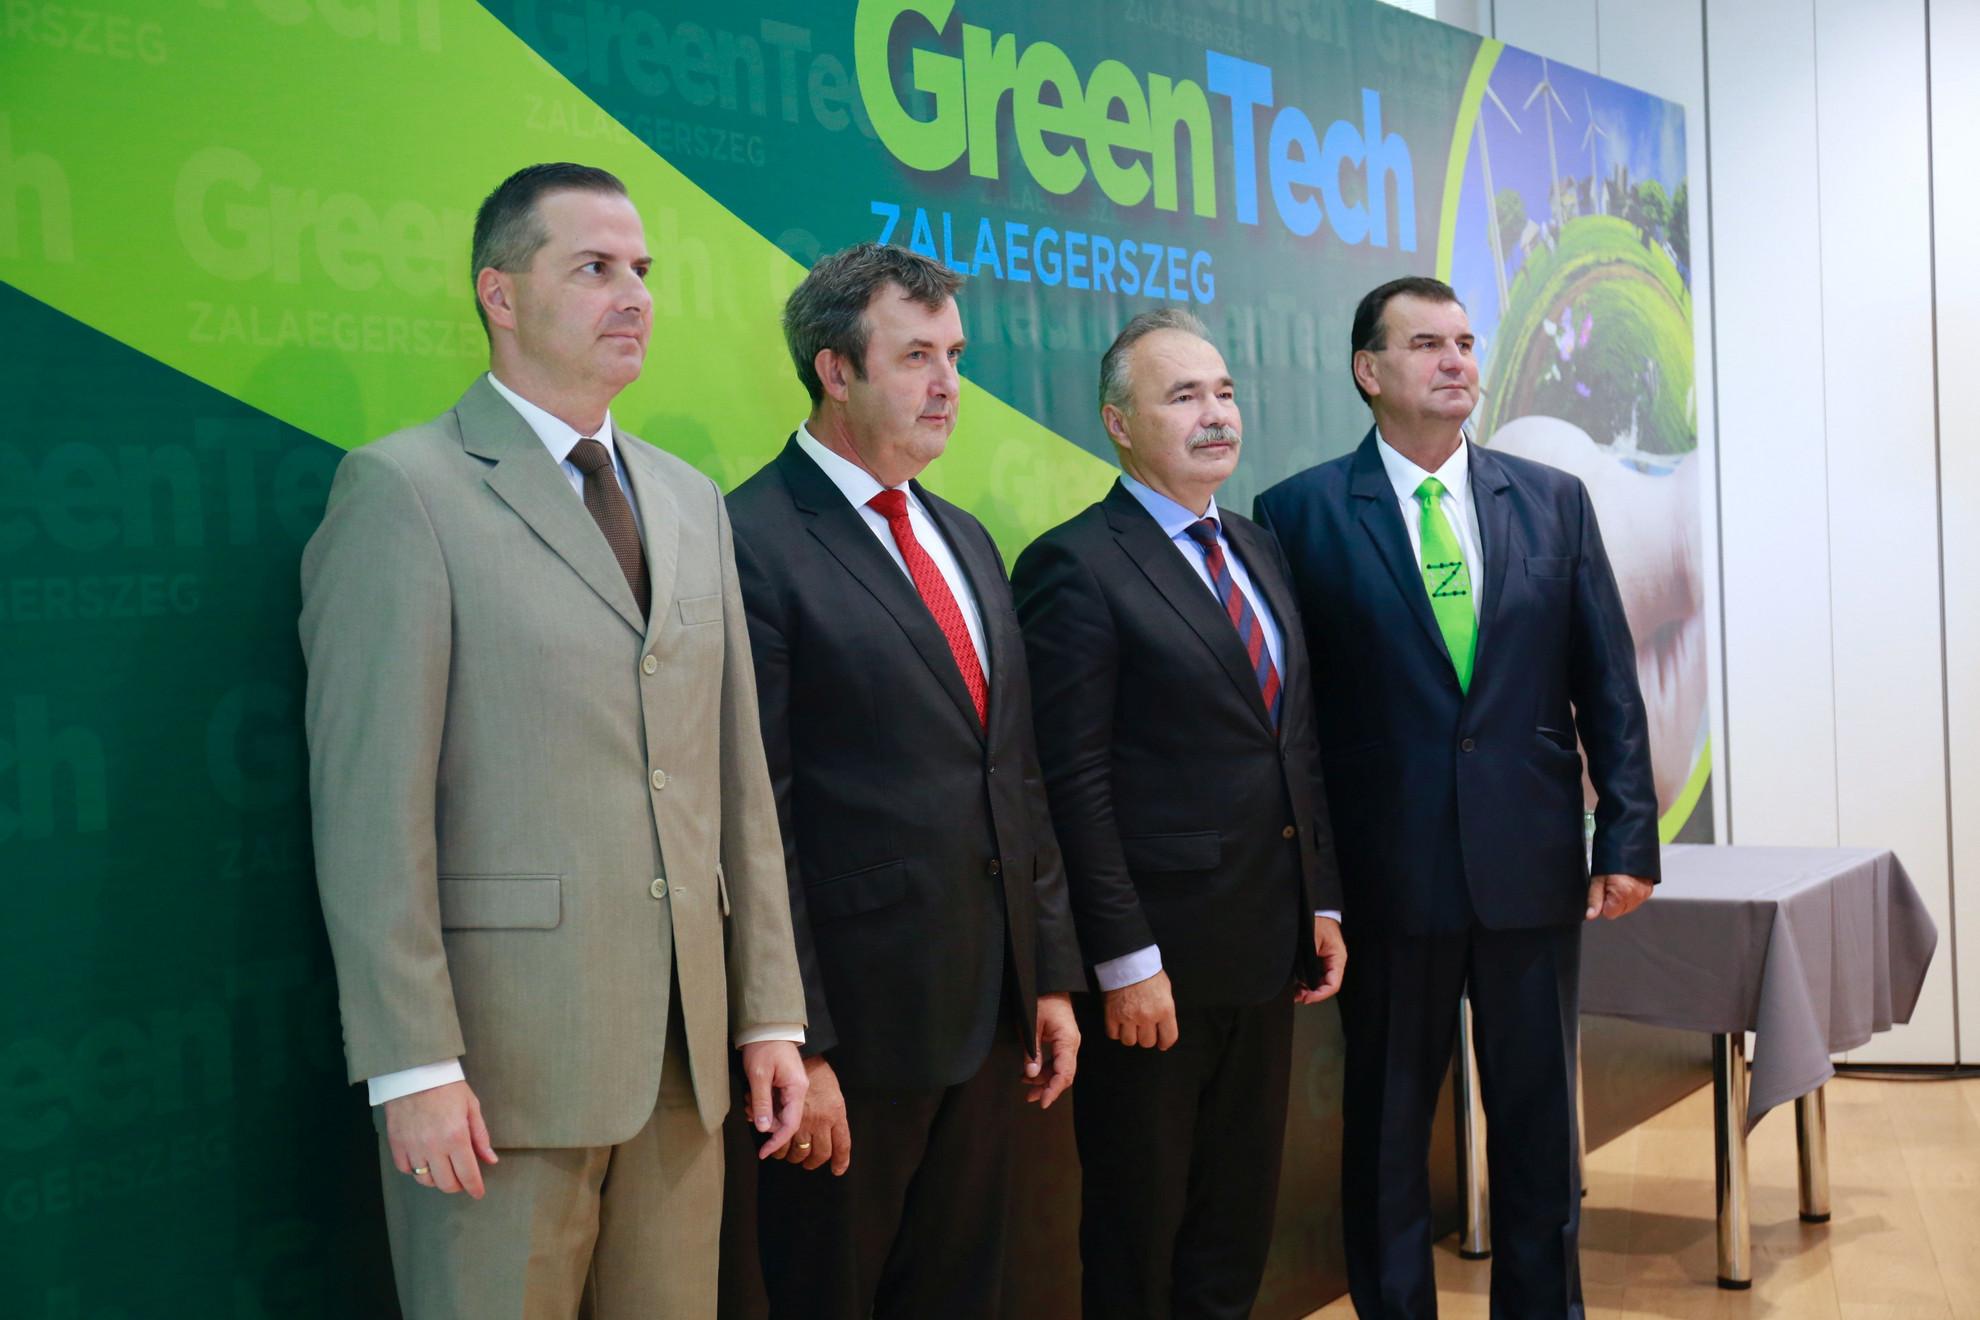 Balaicz Zoltán (Fidesz-KDNP) polgármester (b), Palkovics László innovációs és technológiai miniszter (b2), Nagy István agrárminiszter (j2) és Vigh László, a térség fideszes országgyűlési képviselője (j) a GreenTech 2021 Zöld Energia és Fenntarthatóság Szakkiállítás, Konferencia második napján Zalaegerszegen